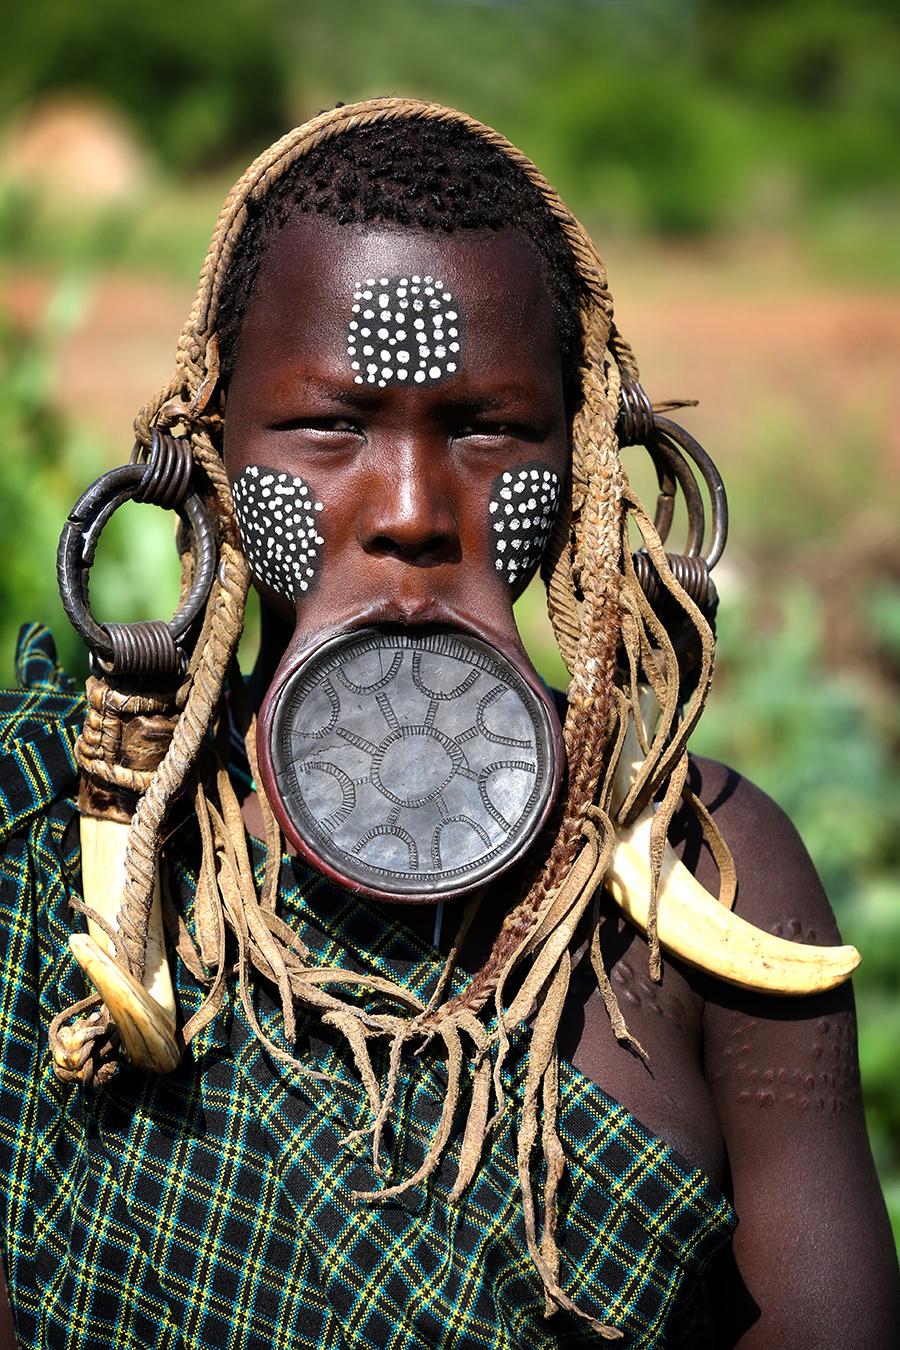 Девушка из племени мурси, долина Омо, Эфиопия © Александр Химушин / The World In Faces